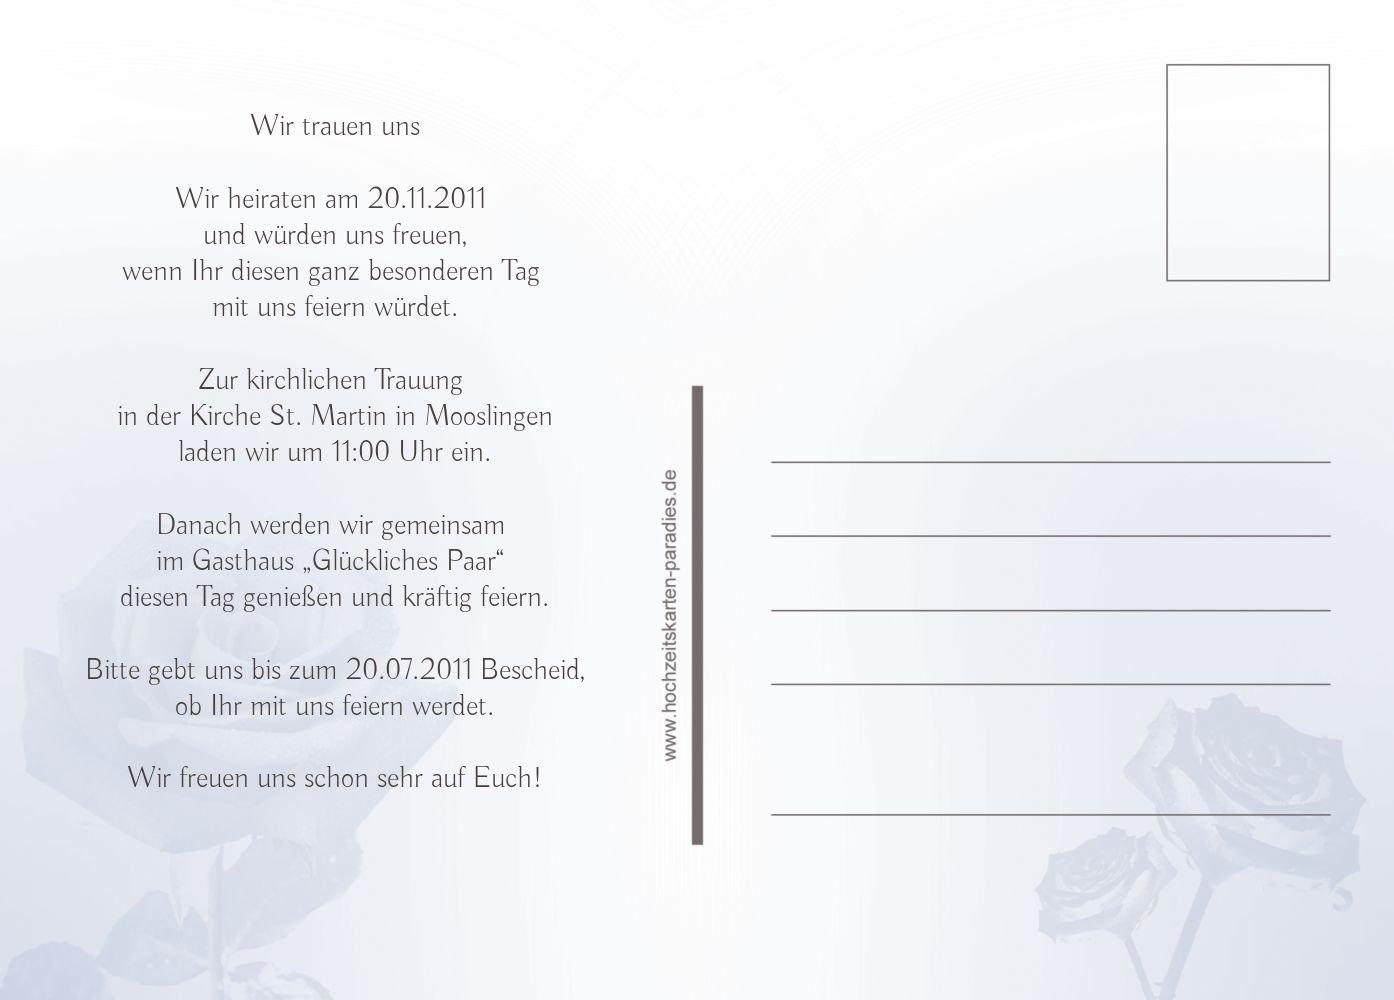 Kartenparadies Hochzeitskarte Save-the-Date Rosa, hochwertige Save the Date Karte zur zur zur Hochzeit   30 Karten - (Format  148x105 mm) Farbe  HellRosa B01N7UDWXE | Neuer Eintrag  | Nutzen Sie Materialien voll aus  | Outlet  6f5409